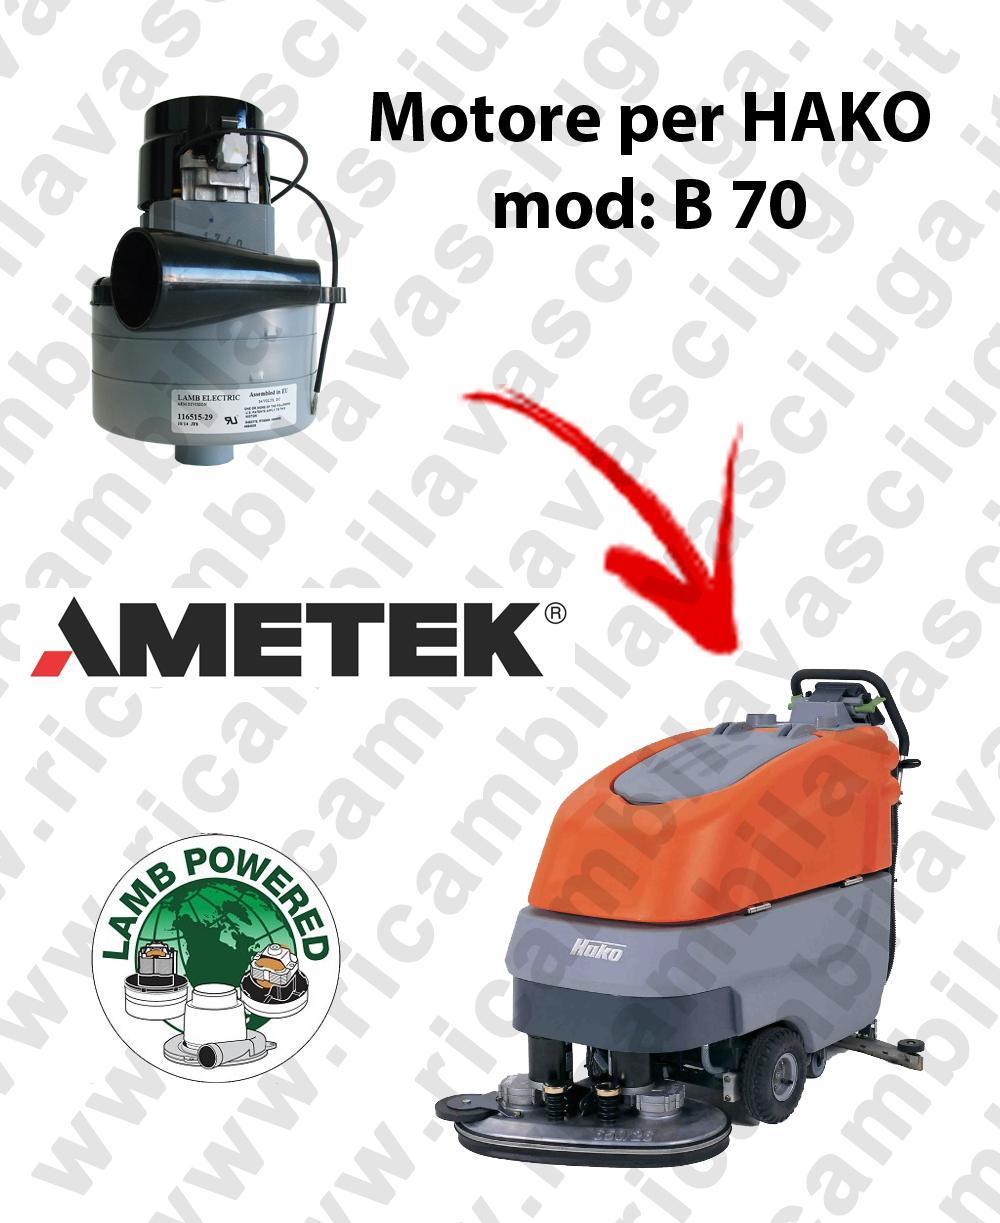 B 70 MOTEUR ASPIRATION LAMB AMATEK pour autolaveuses HAKO